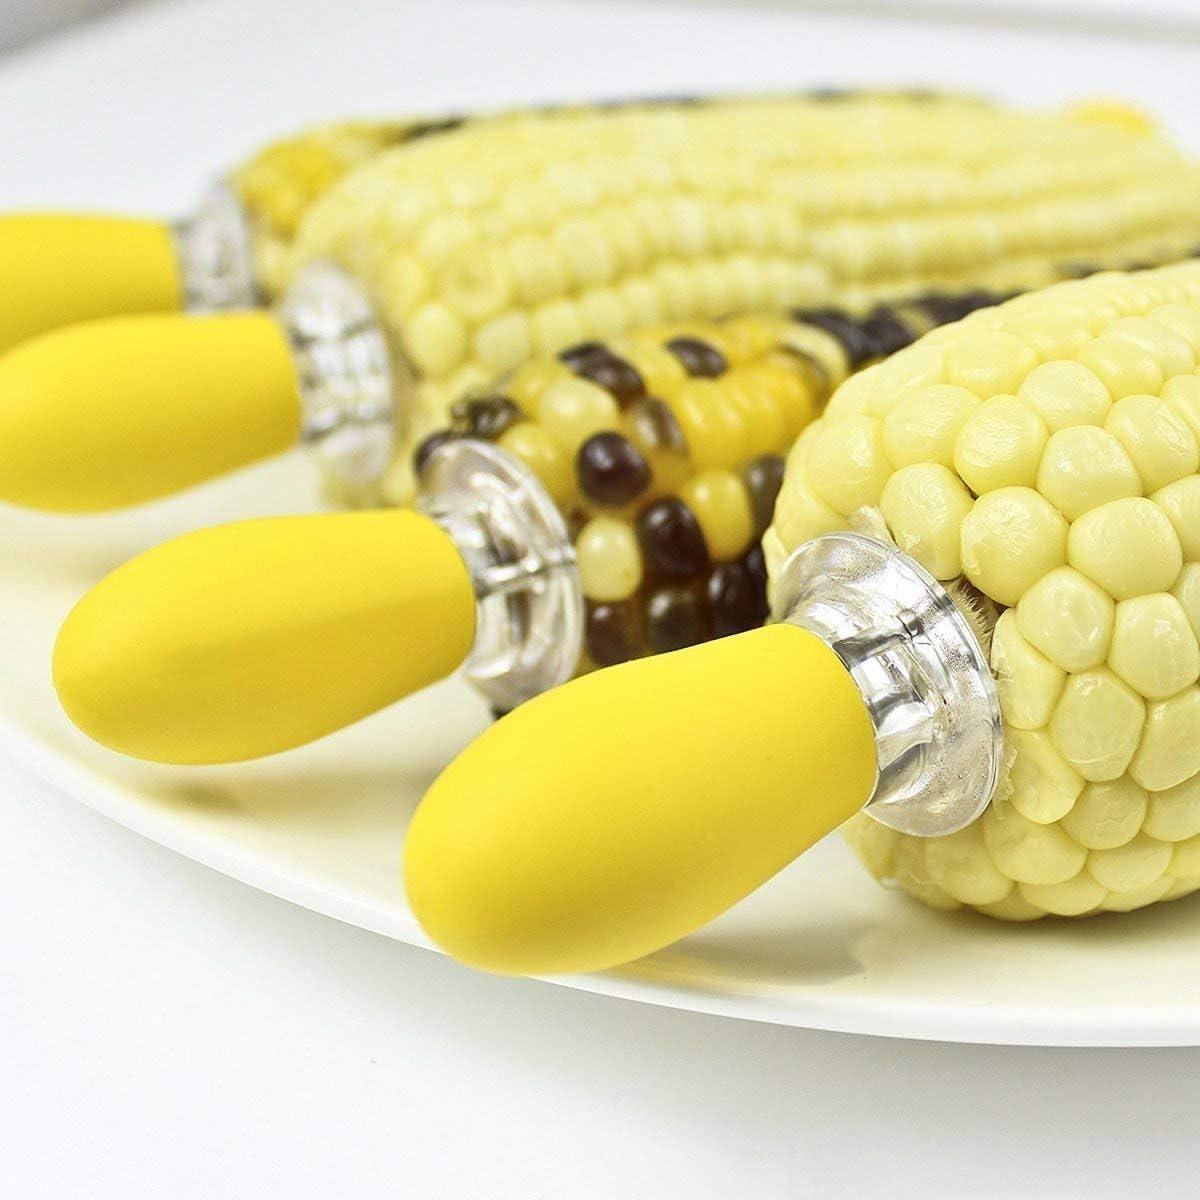 BESTONZON Soportes de mazorca de ma/íz de Acero Inoxidable con Mango de Madera para Pinchos BBQ Twin Prong Sweetcorn Holder Tenedor Herramienta de Cocina 1 pc